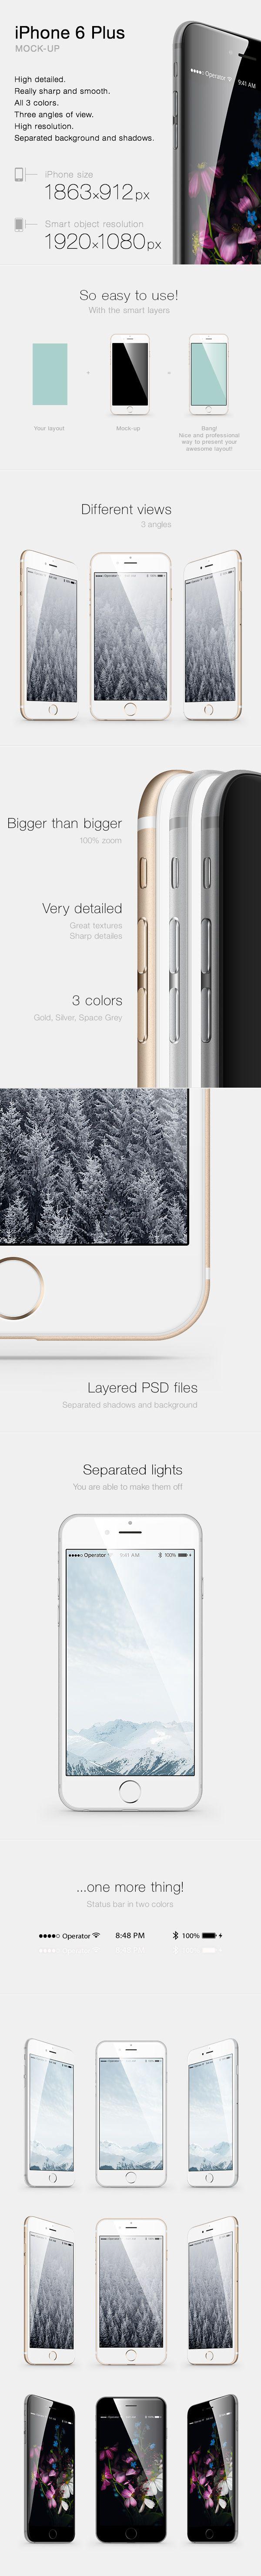 iPhone 6 Plus | #freebie #mockup